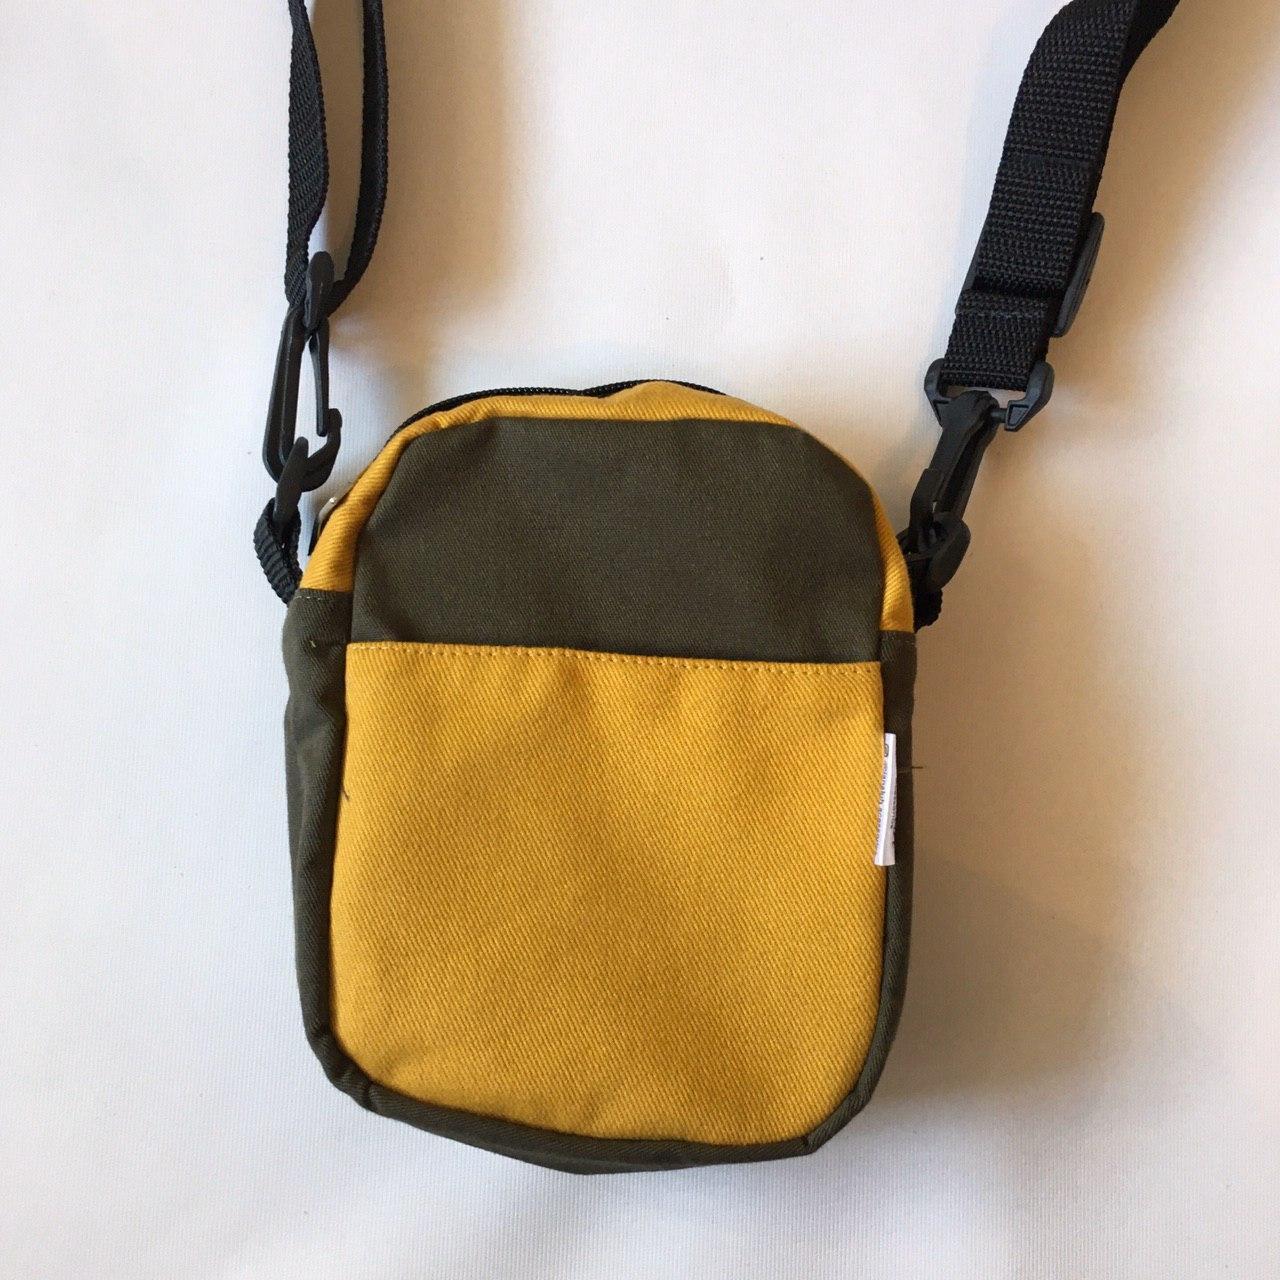 Sholder bag Vintage -Verde/Mostarda